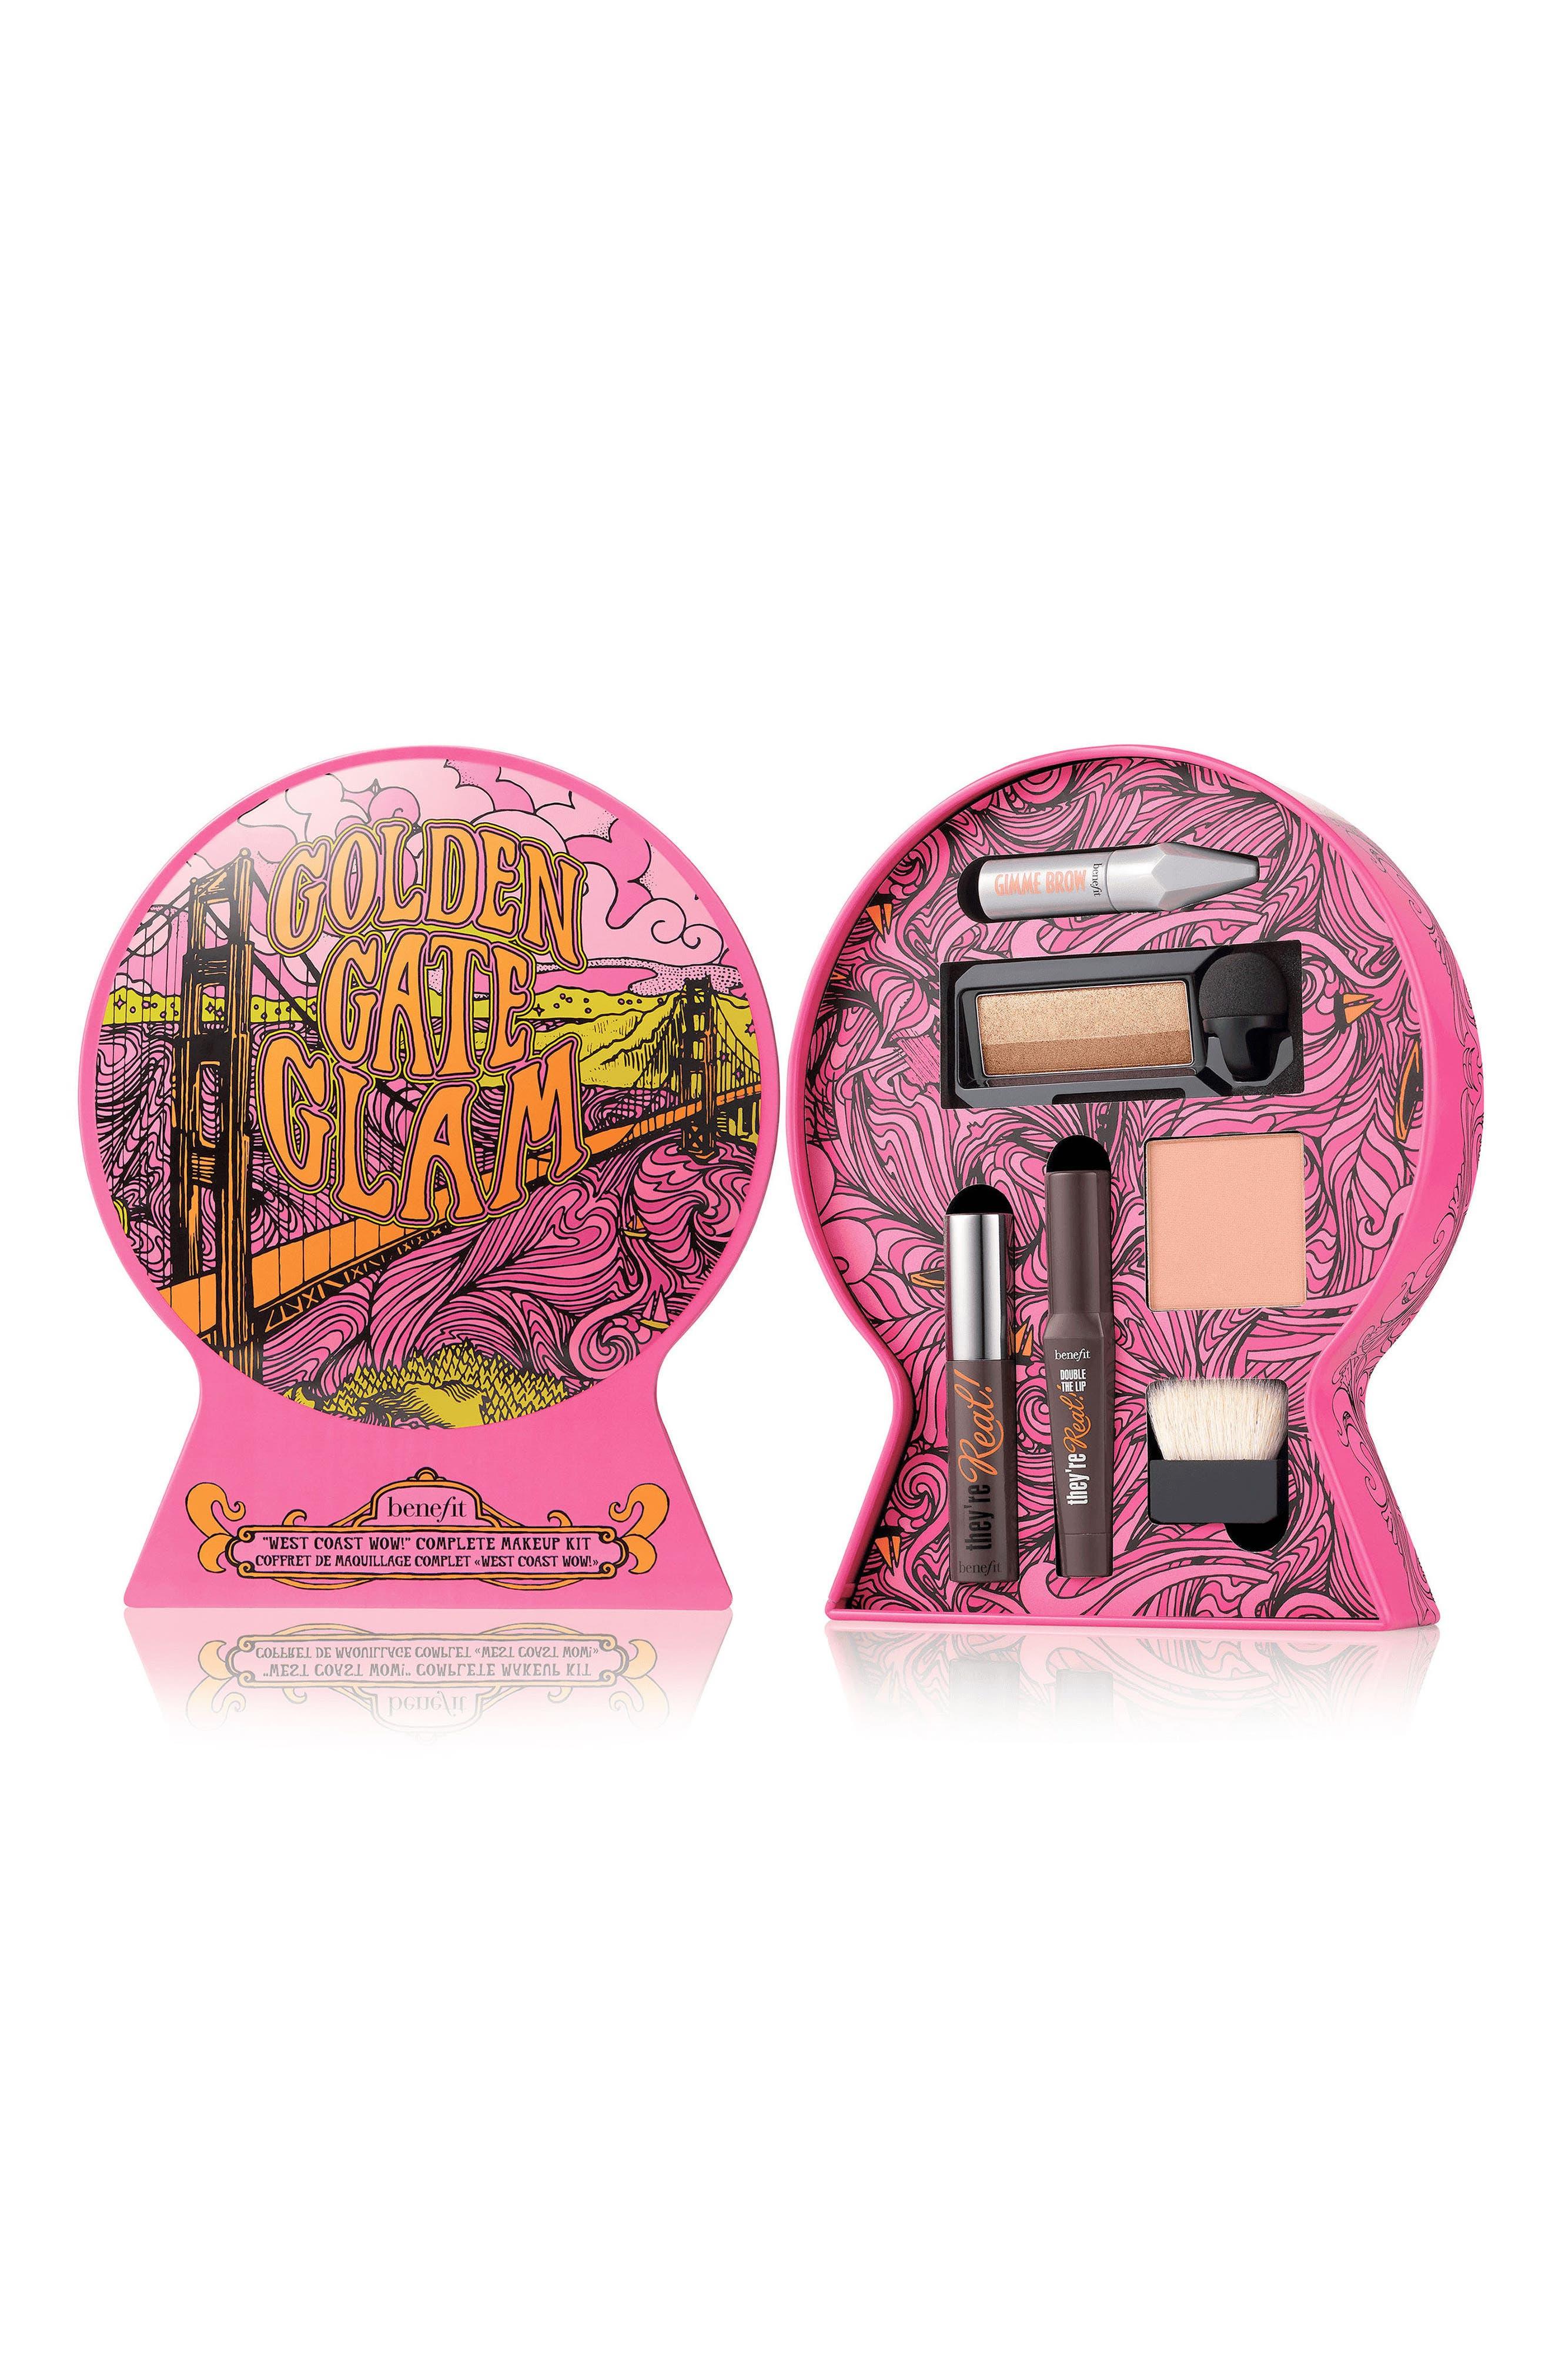 Alternate Image 3  - Benefit Golden Gate Glam Complete Makeup Kit ($61 Value)